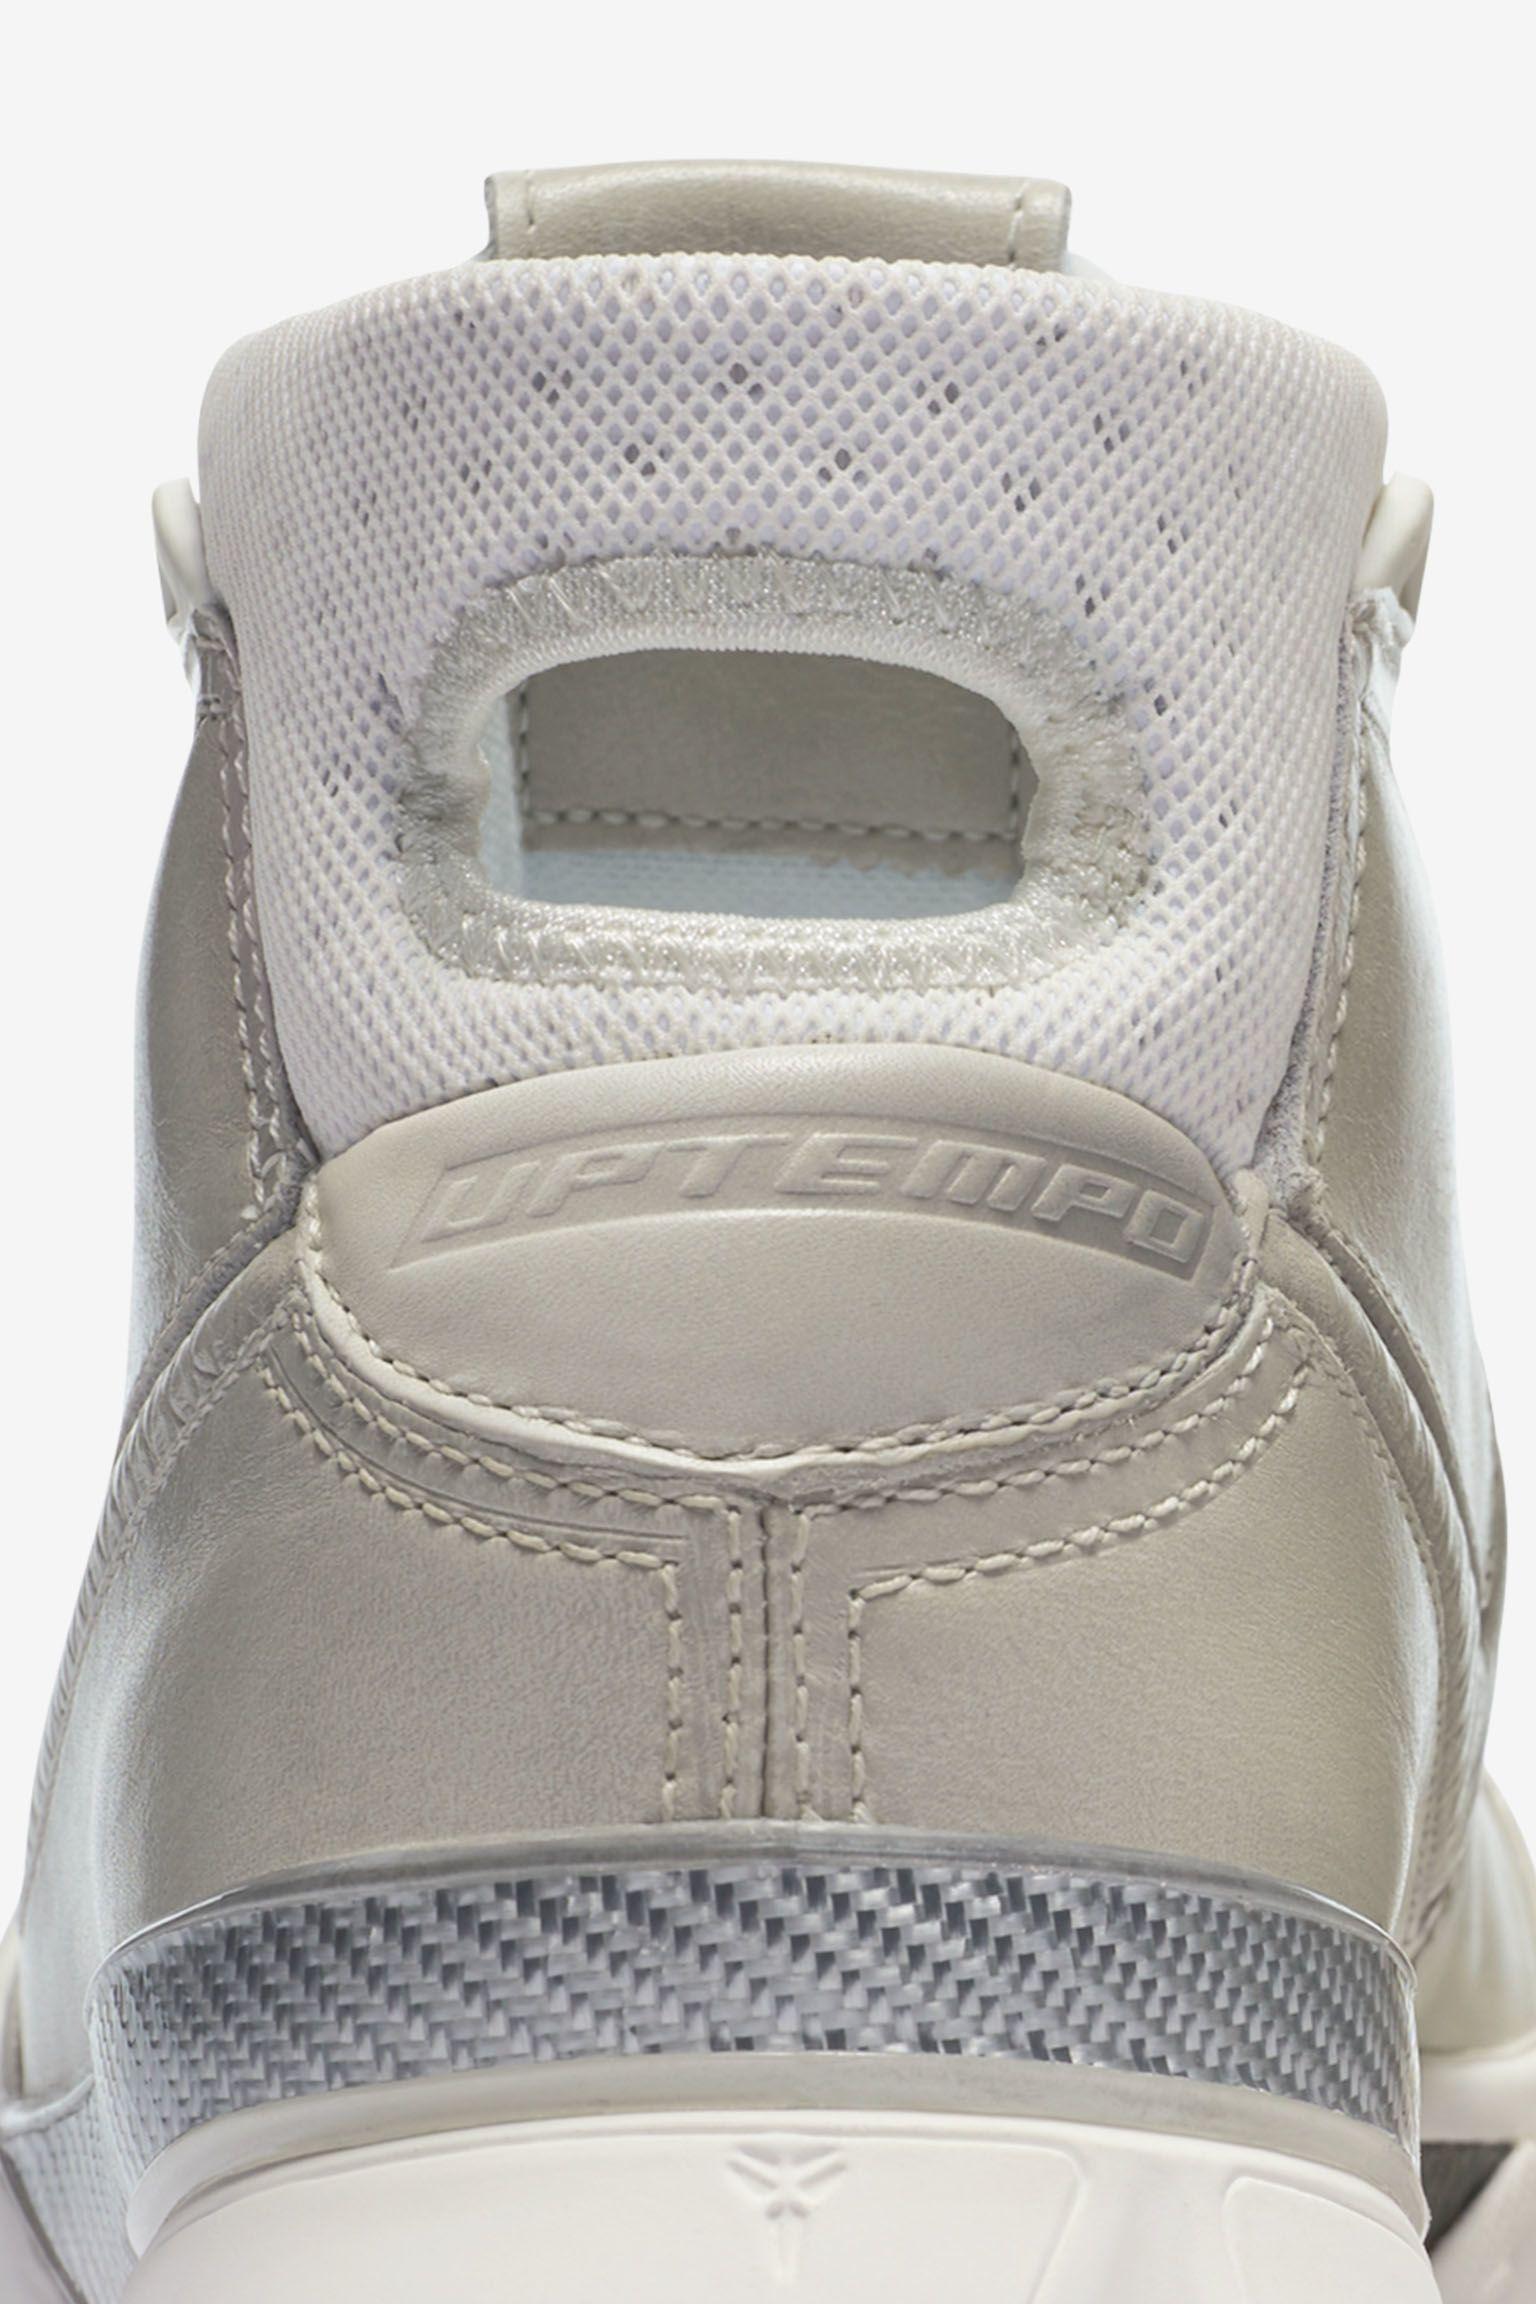 Nike Zoom Kobe 1 'Black Mamba' Release Date